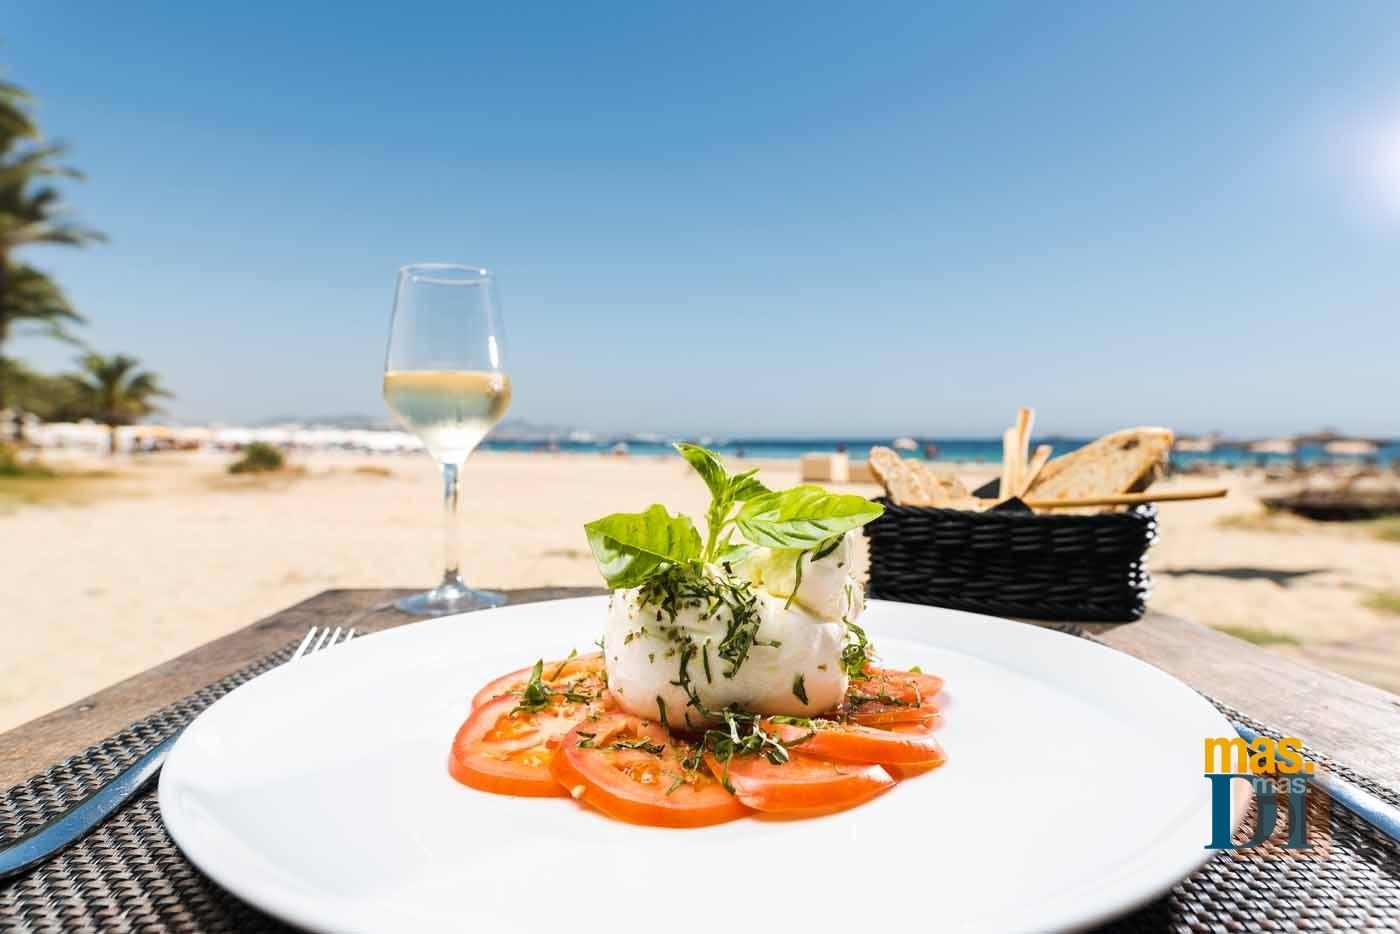 SIR ROCCO BEACH CLUB by USHUAÏA, exquisiteces italianas con  el mar como telón de fondo